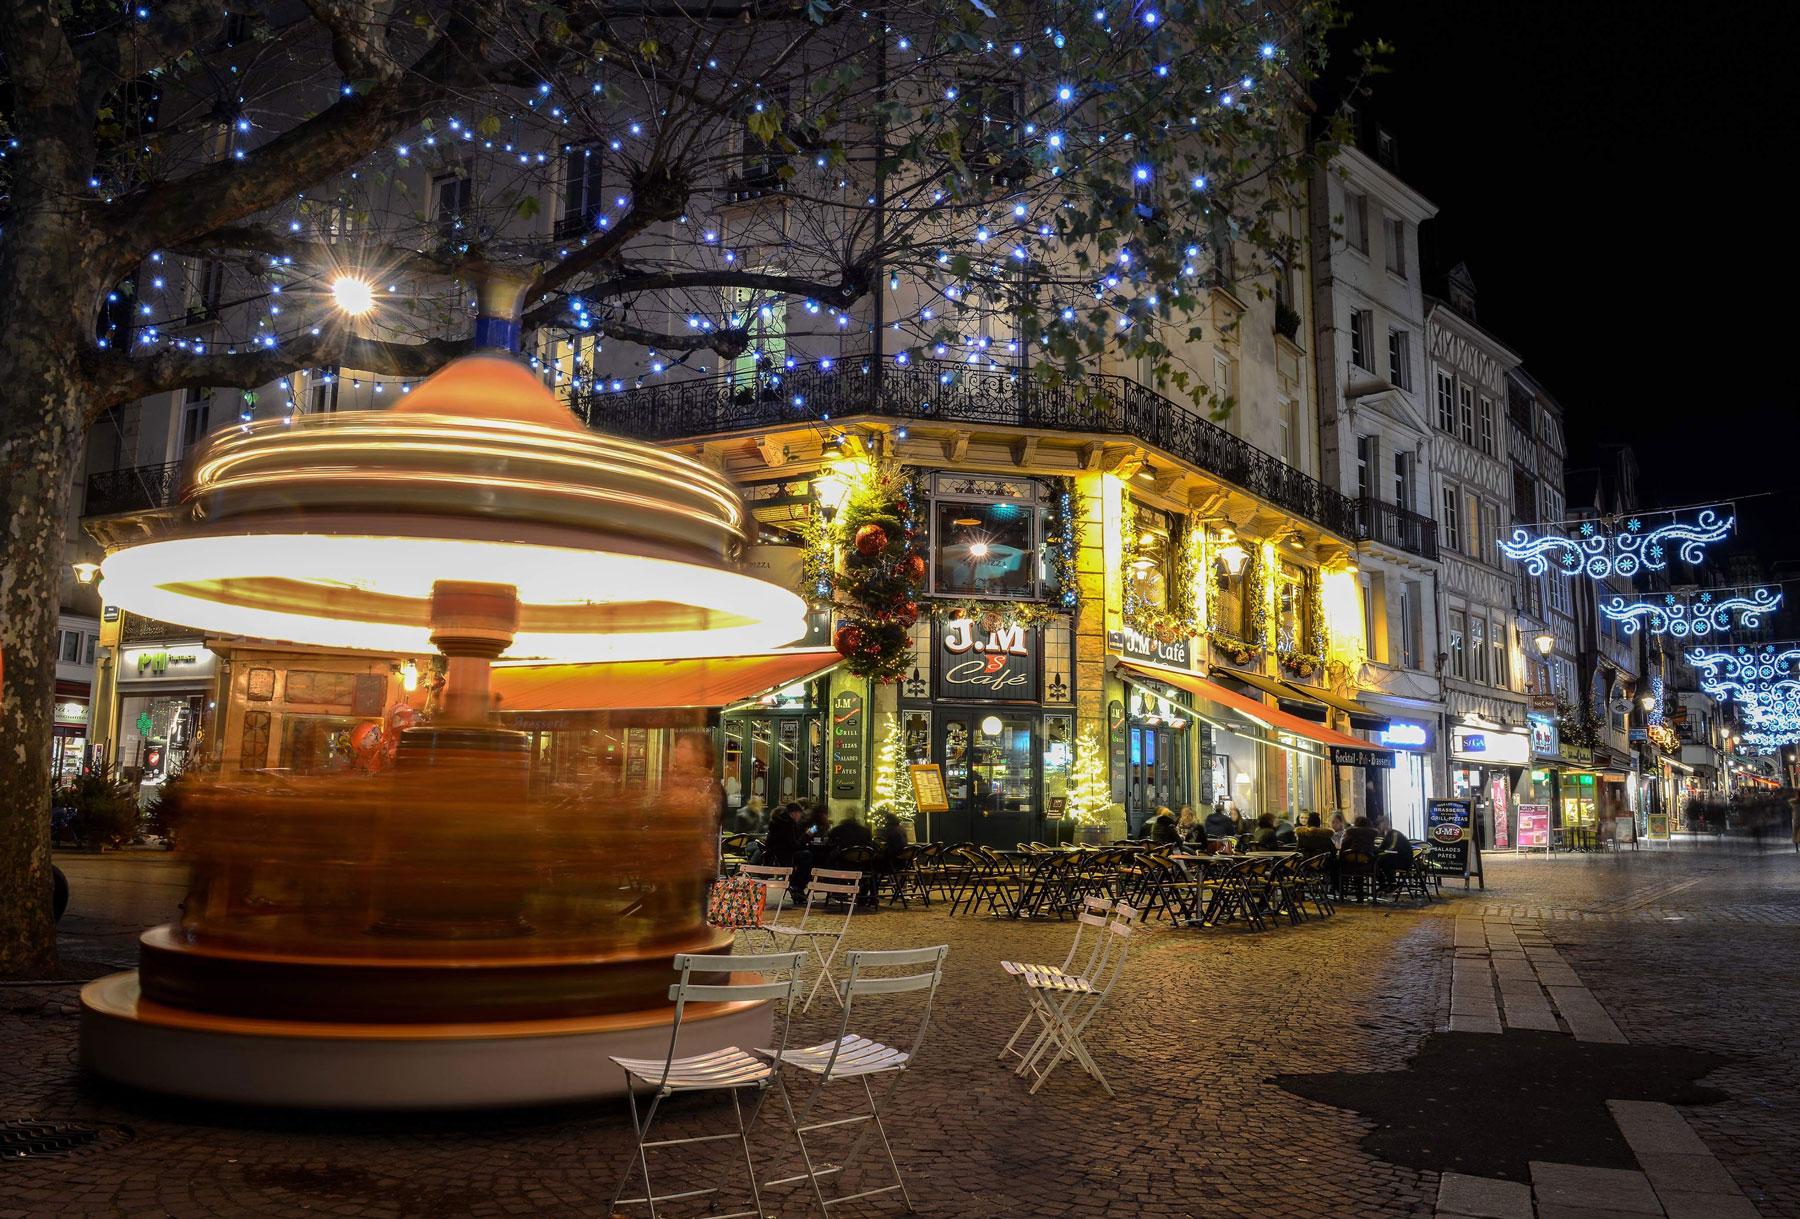 Mini Carrousel place du vieux marché à Rouen